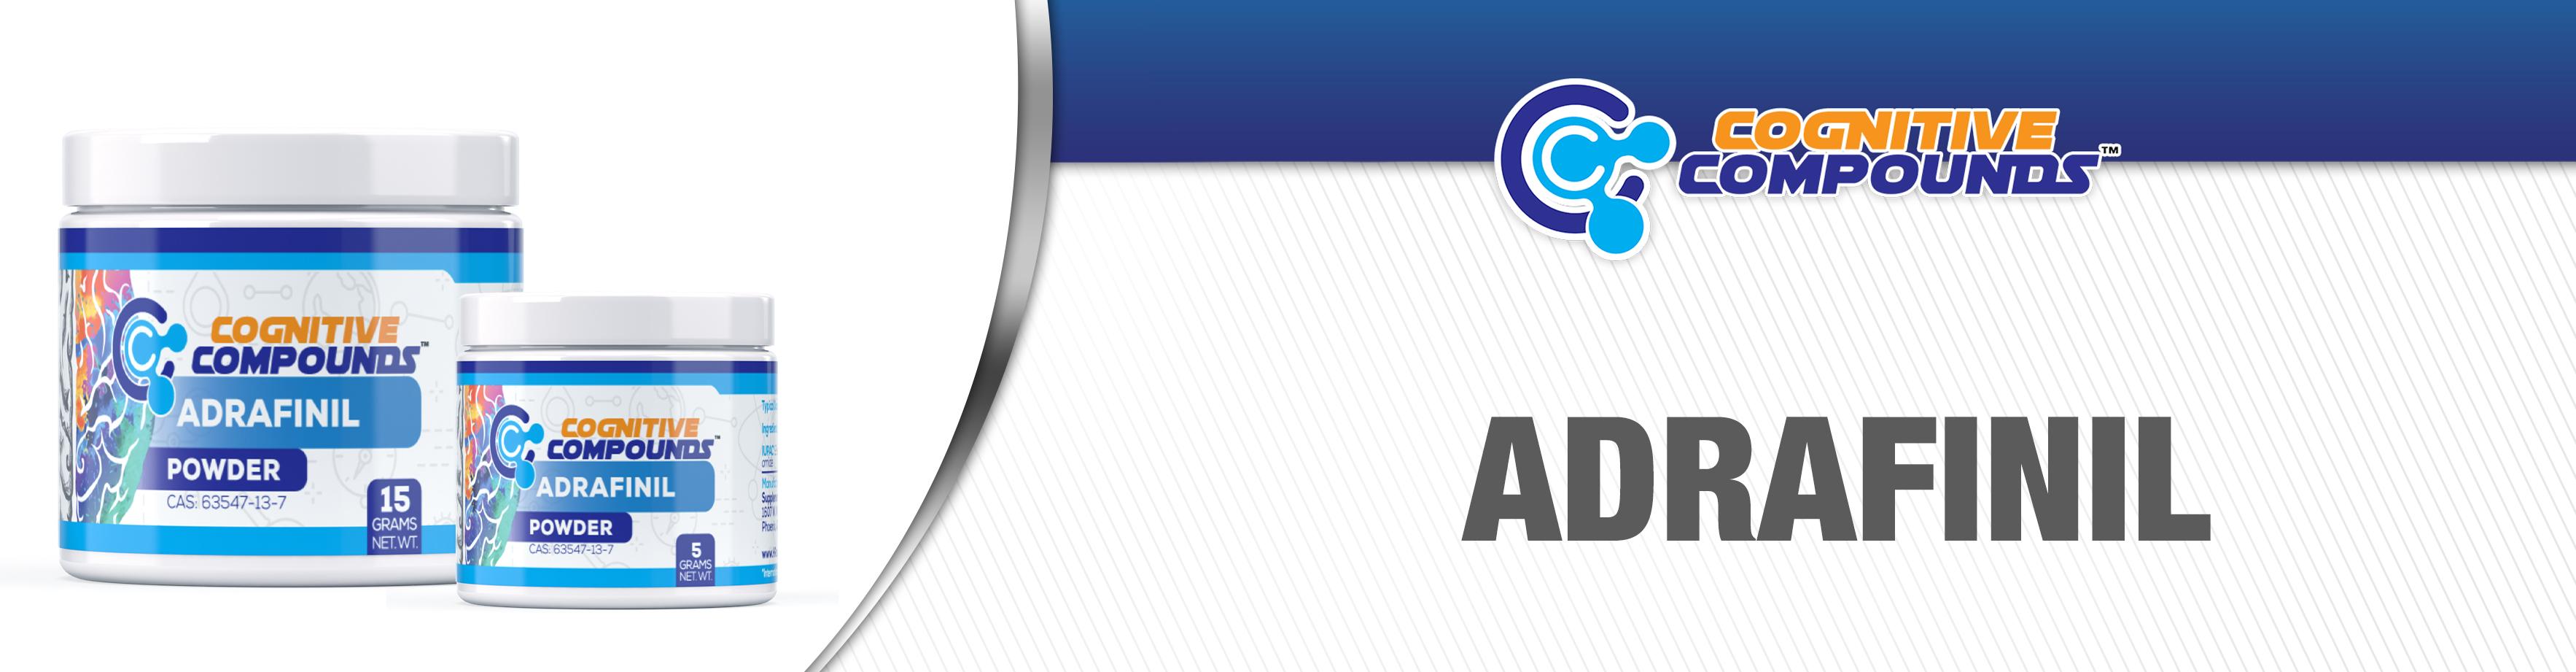 adrafinil-powder-10-21.jpg